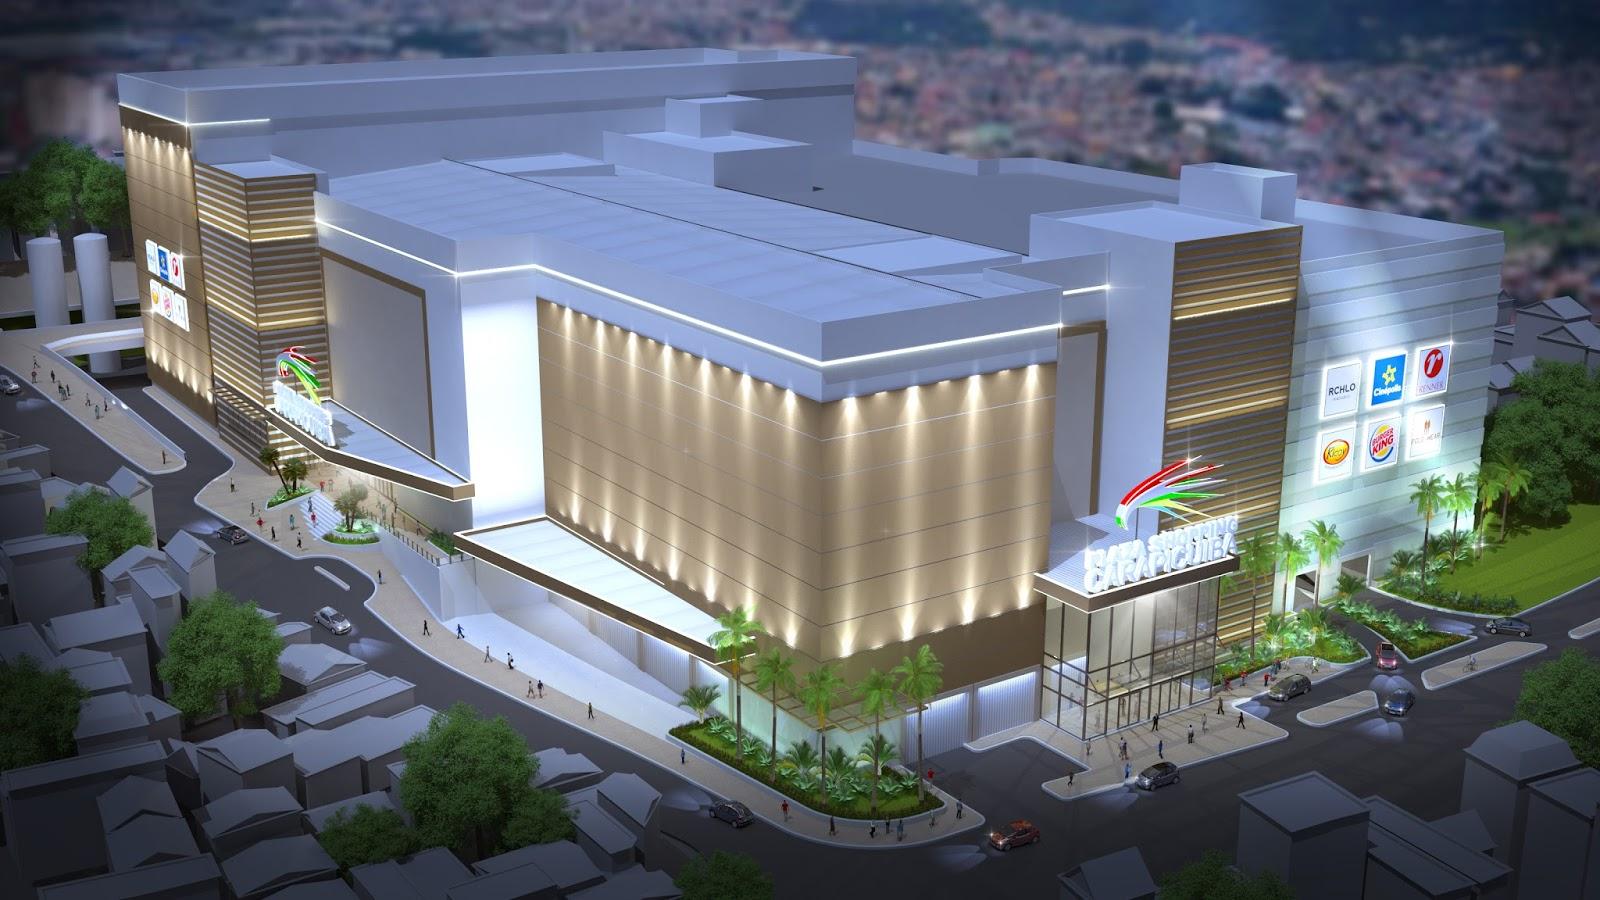 3a9509d26 A inauguração do Plaza Shopping Carapicuíba já tem data marcada! A partir  do dia 27 de outubro